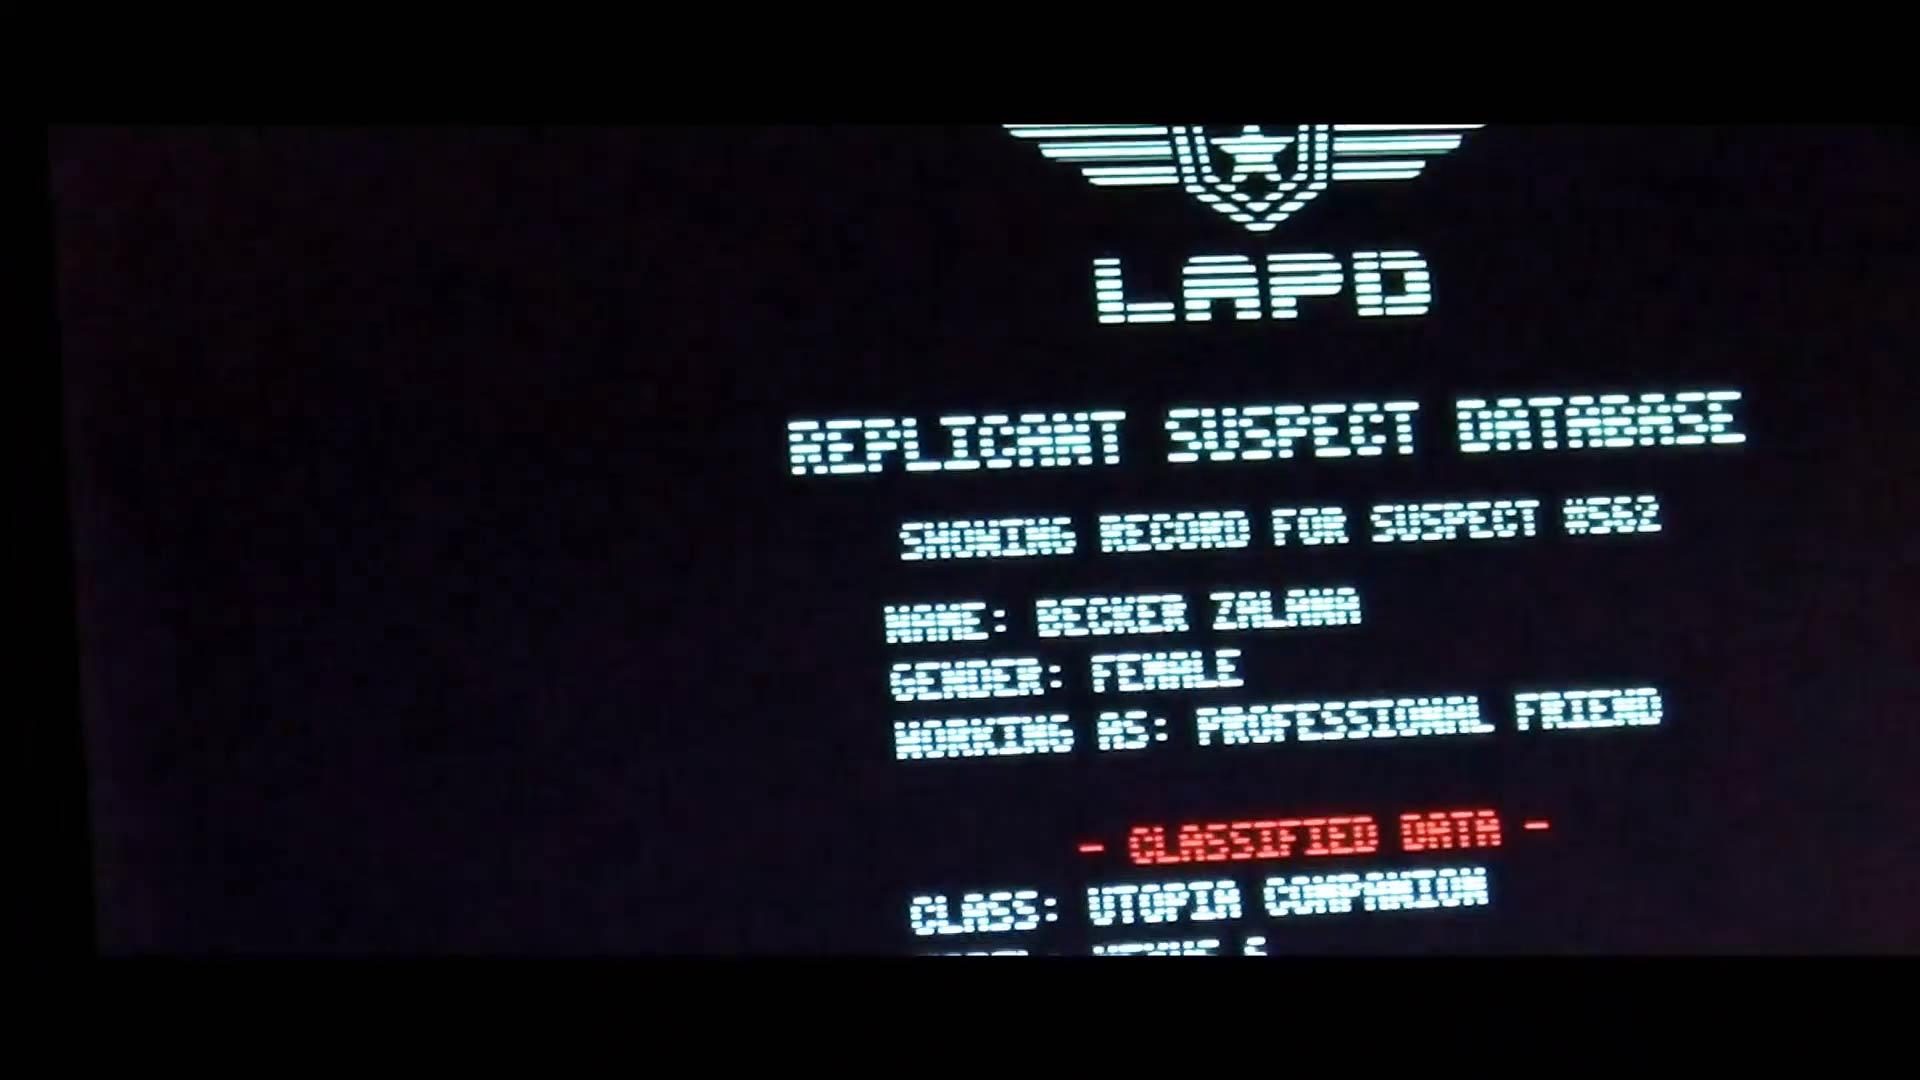 Secret-Cinema-Presents-Blade-Runner-The-Final-Cut-A-Secret-Live-Experience-1-0-01-47-15.jpg